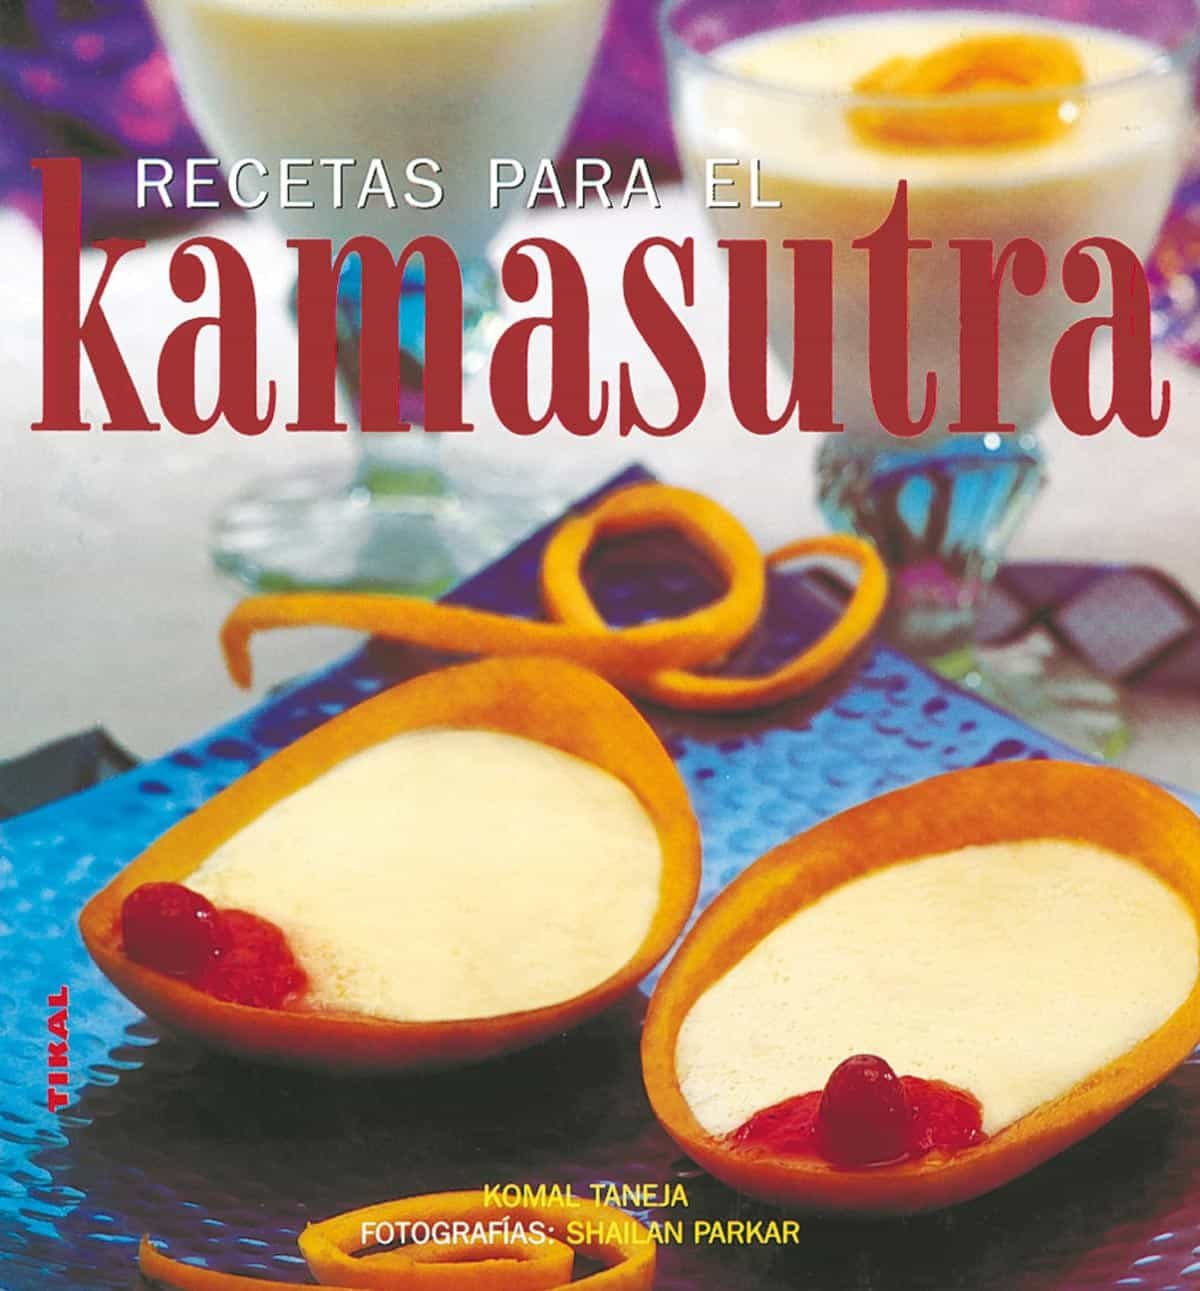 Recetas Para El Kamasutra por Vv.aa.